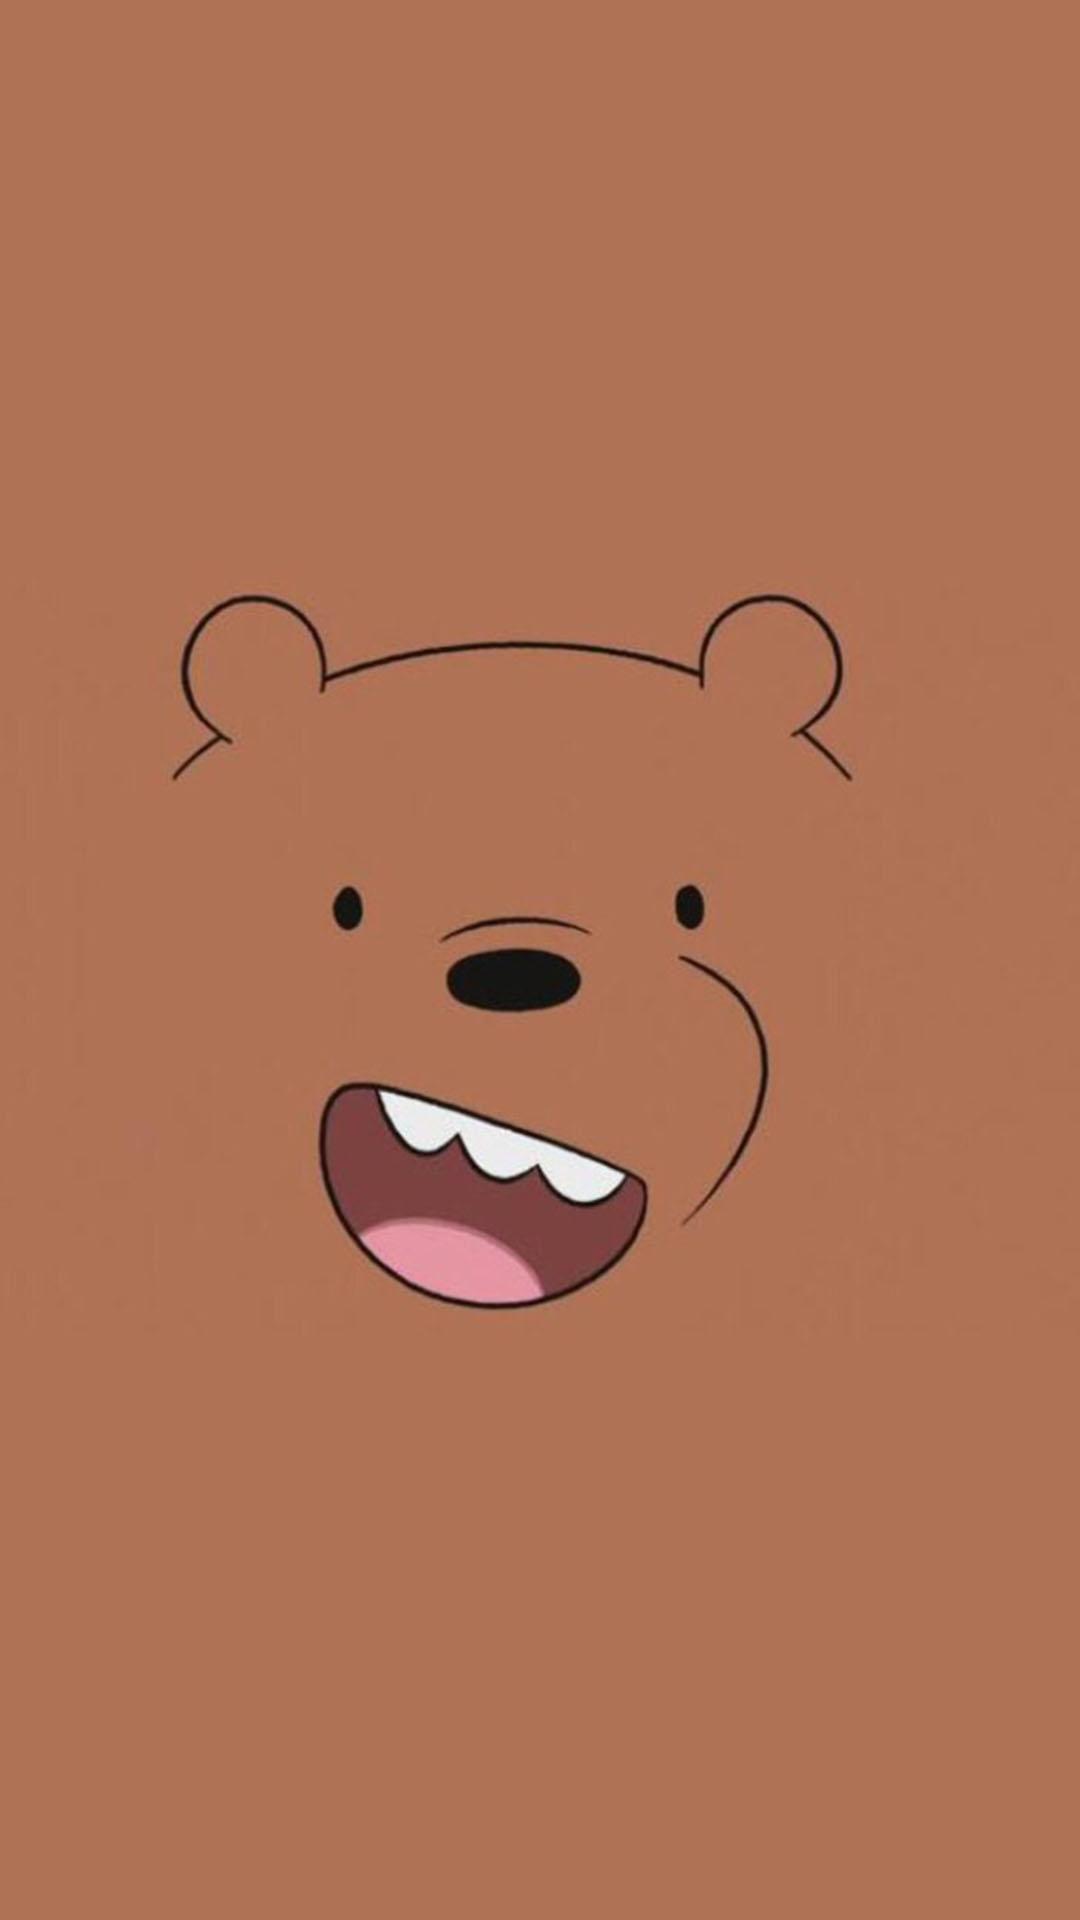 熊 蘋果手機高清壁紙 1080x1920_愛思助手